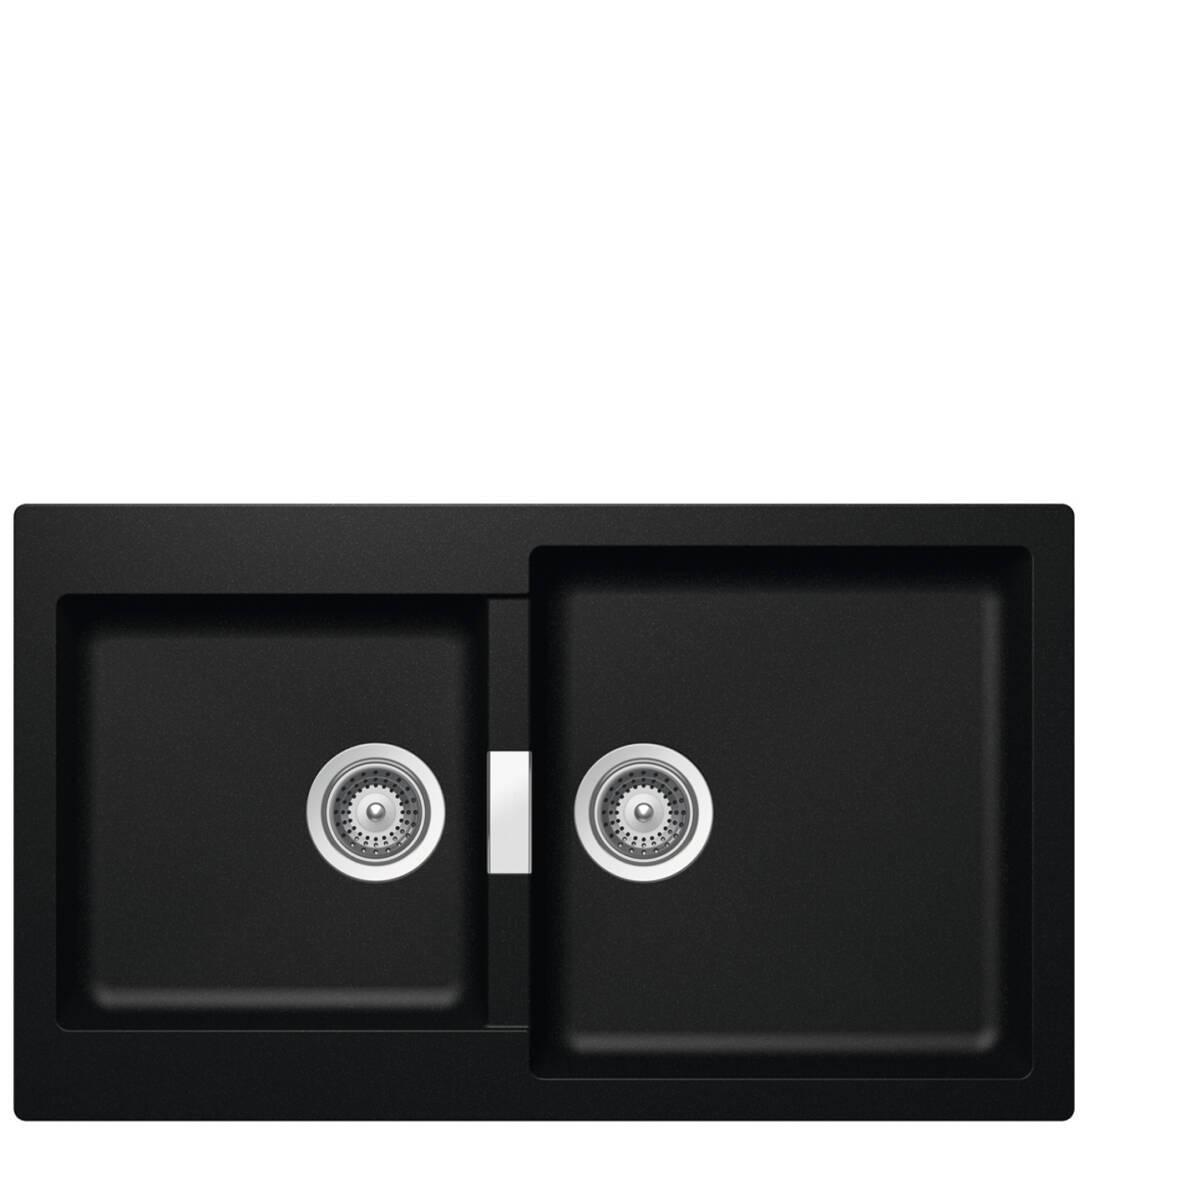 品牌垃圾处理器_雅生 水槽: AXOR made by Schock, 嵌入式水槽, 43004500